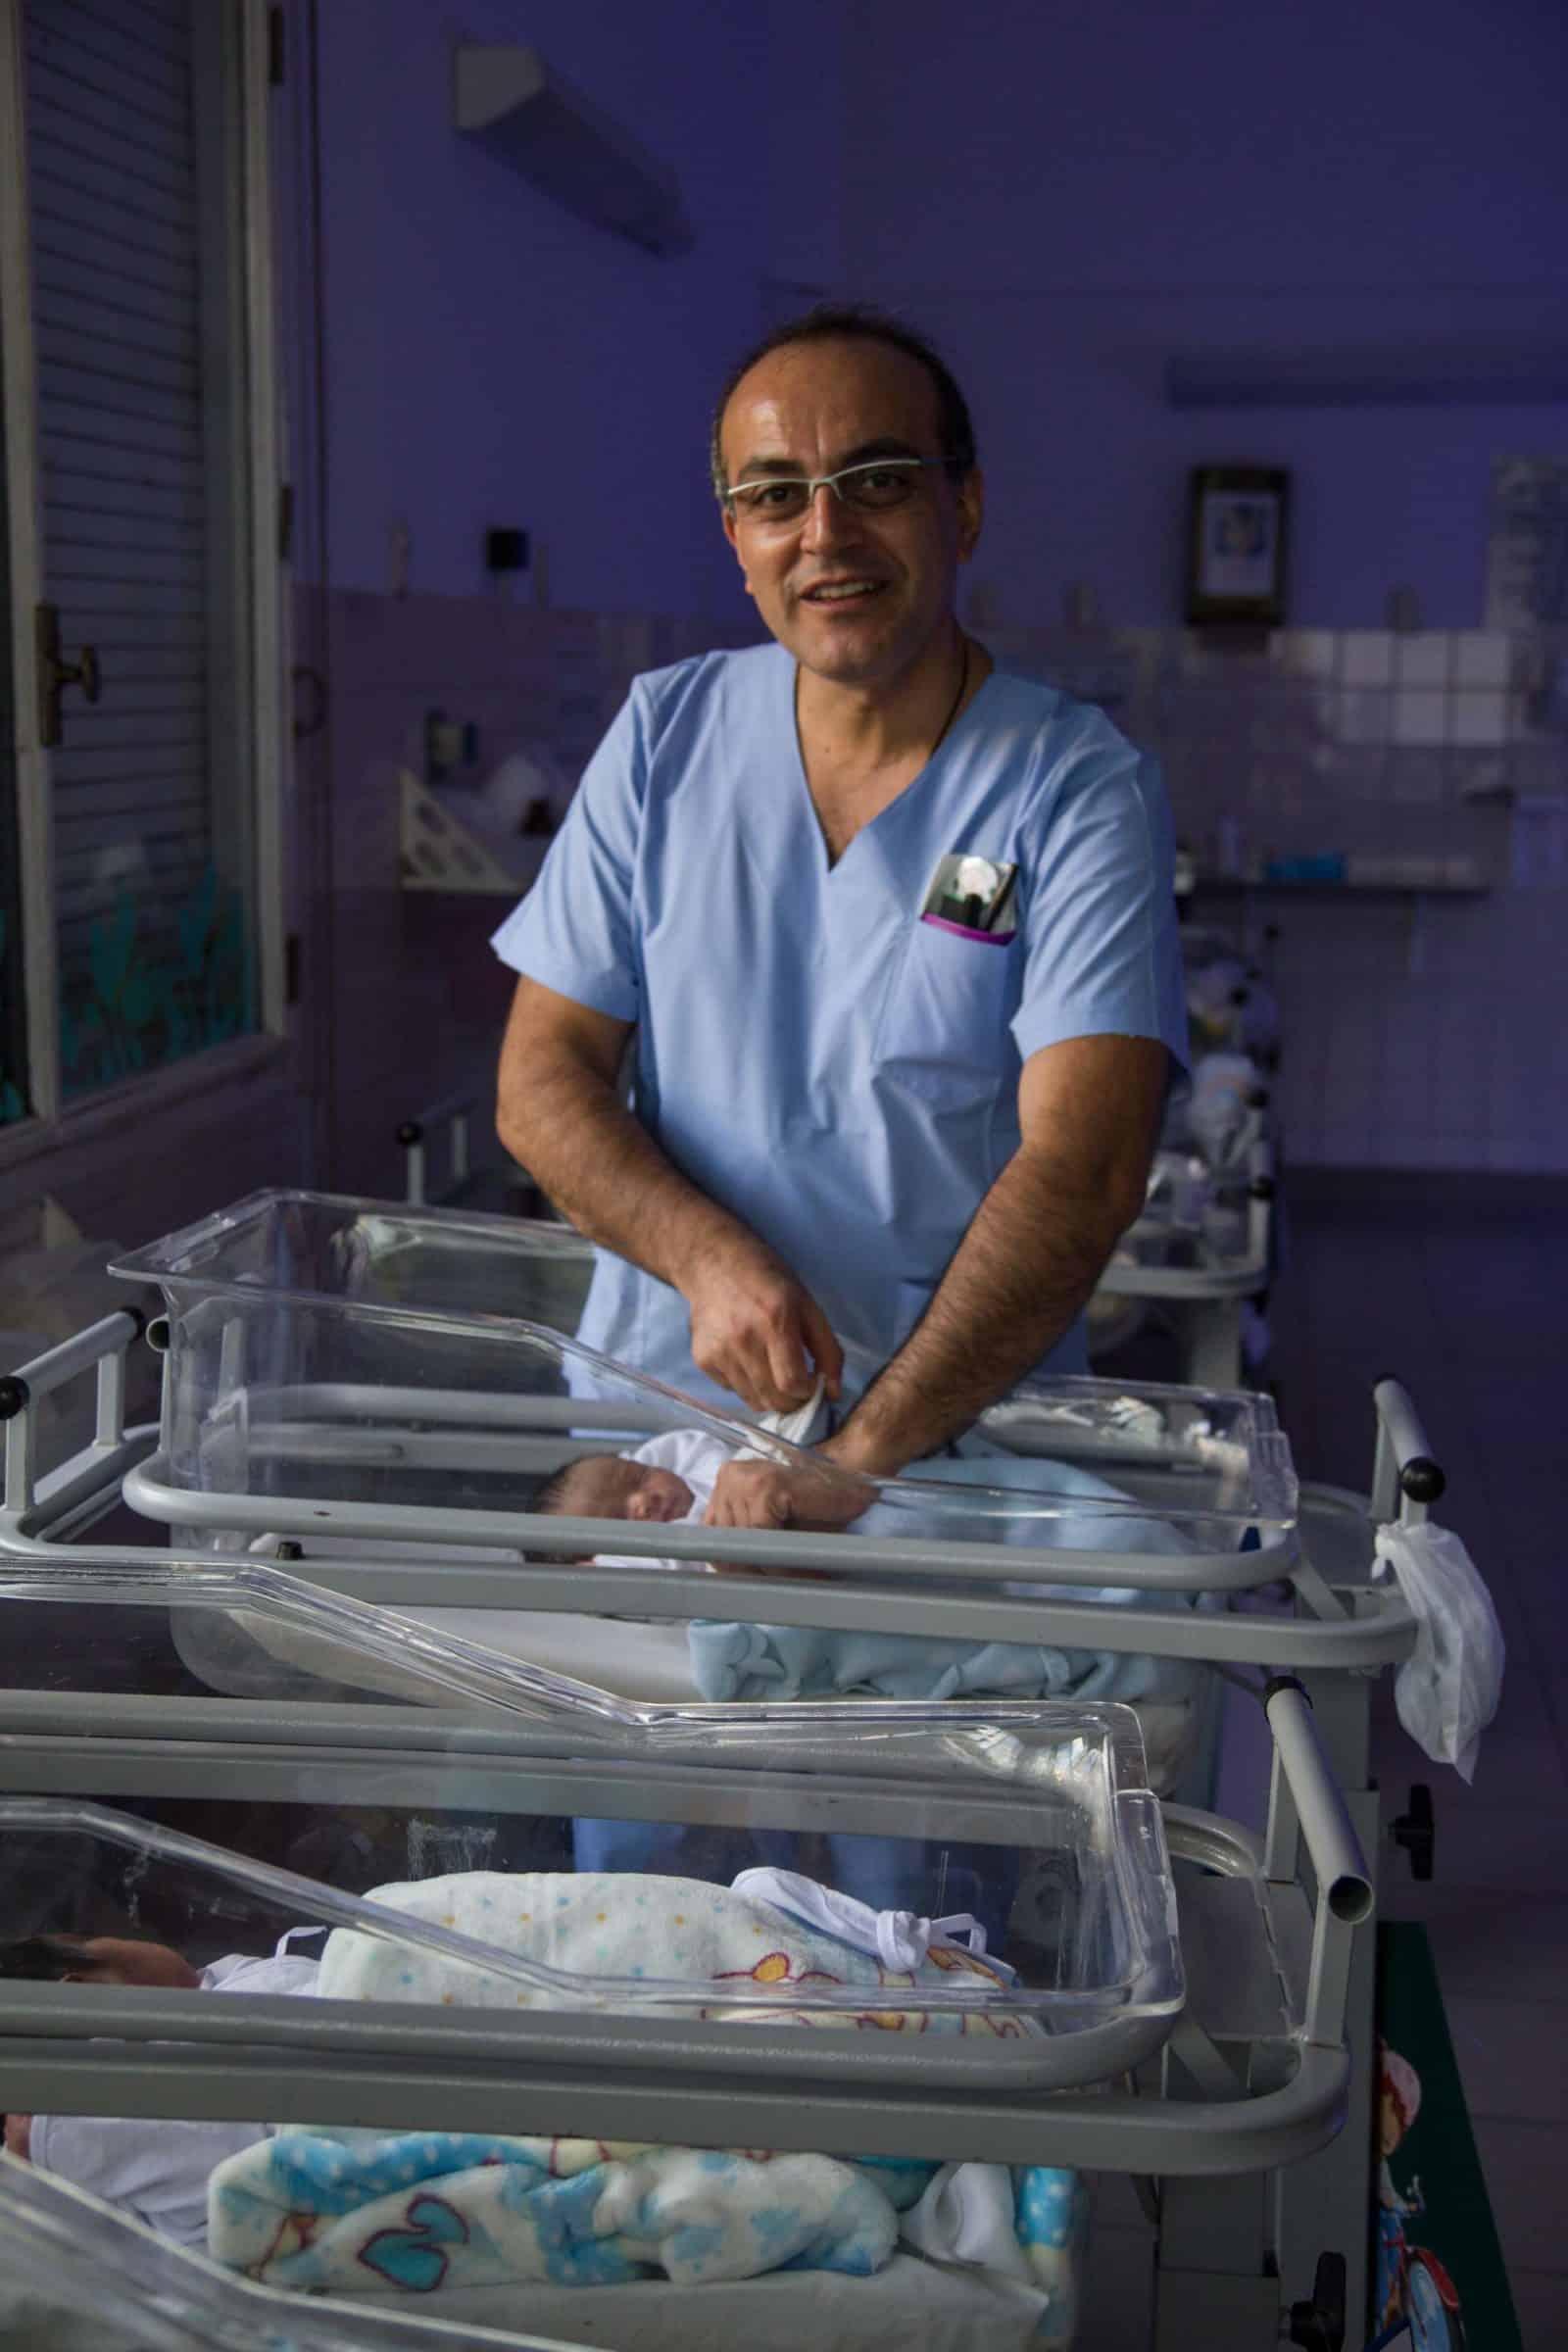 ecole infirmier anesthesiste Ecole d'infirmiers anesthesistes du chu de bordeaux infirmiere anesthesiste diplomee d'etat infirmiere anesthesiste diplomee d'etat 2001 – 2003.